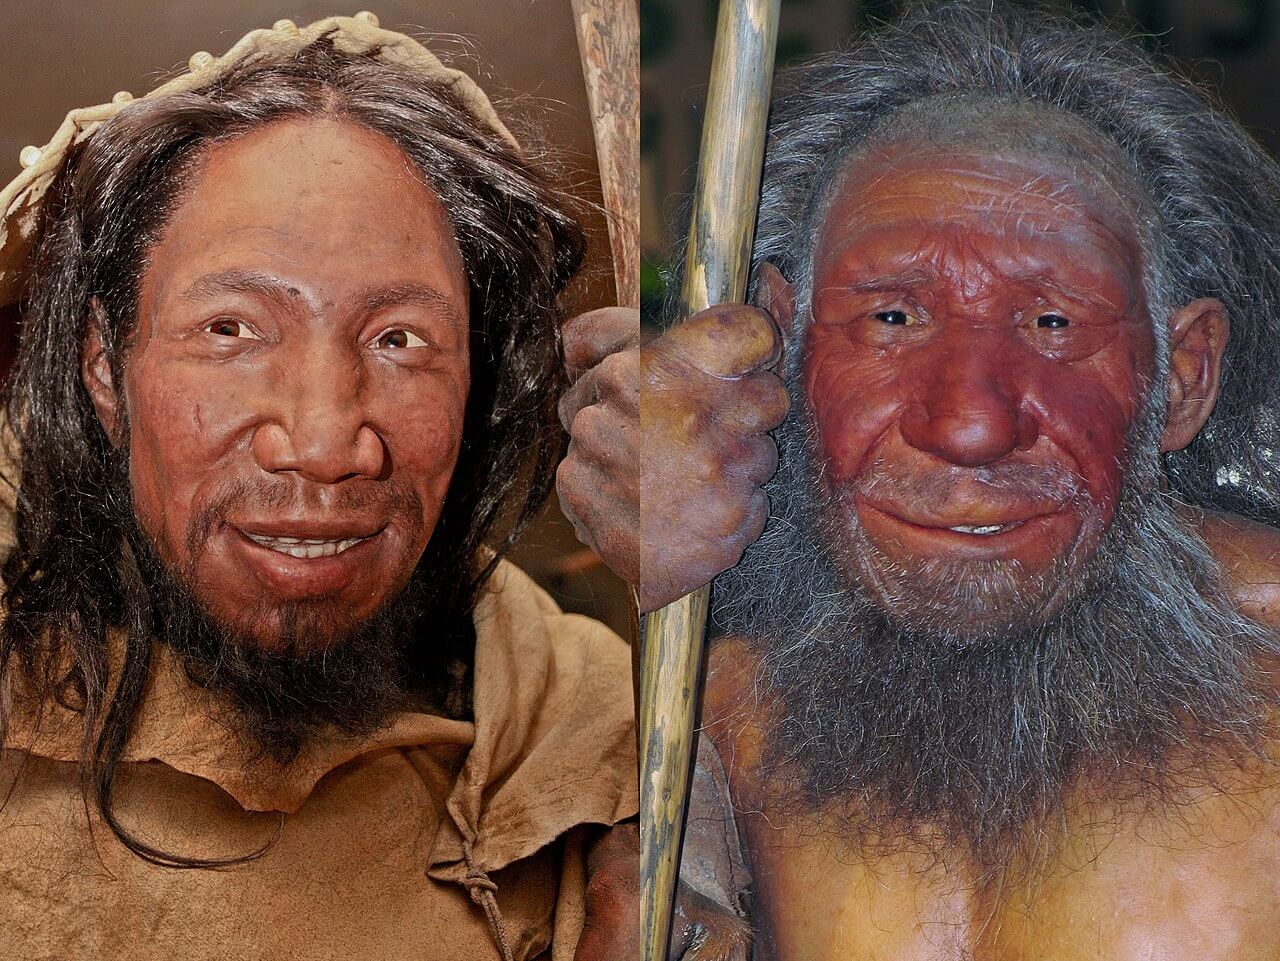 Sapien (à esquerda) e um neandertal (à direita).